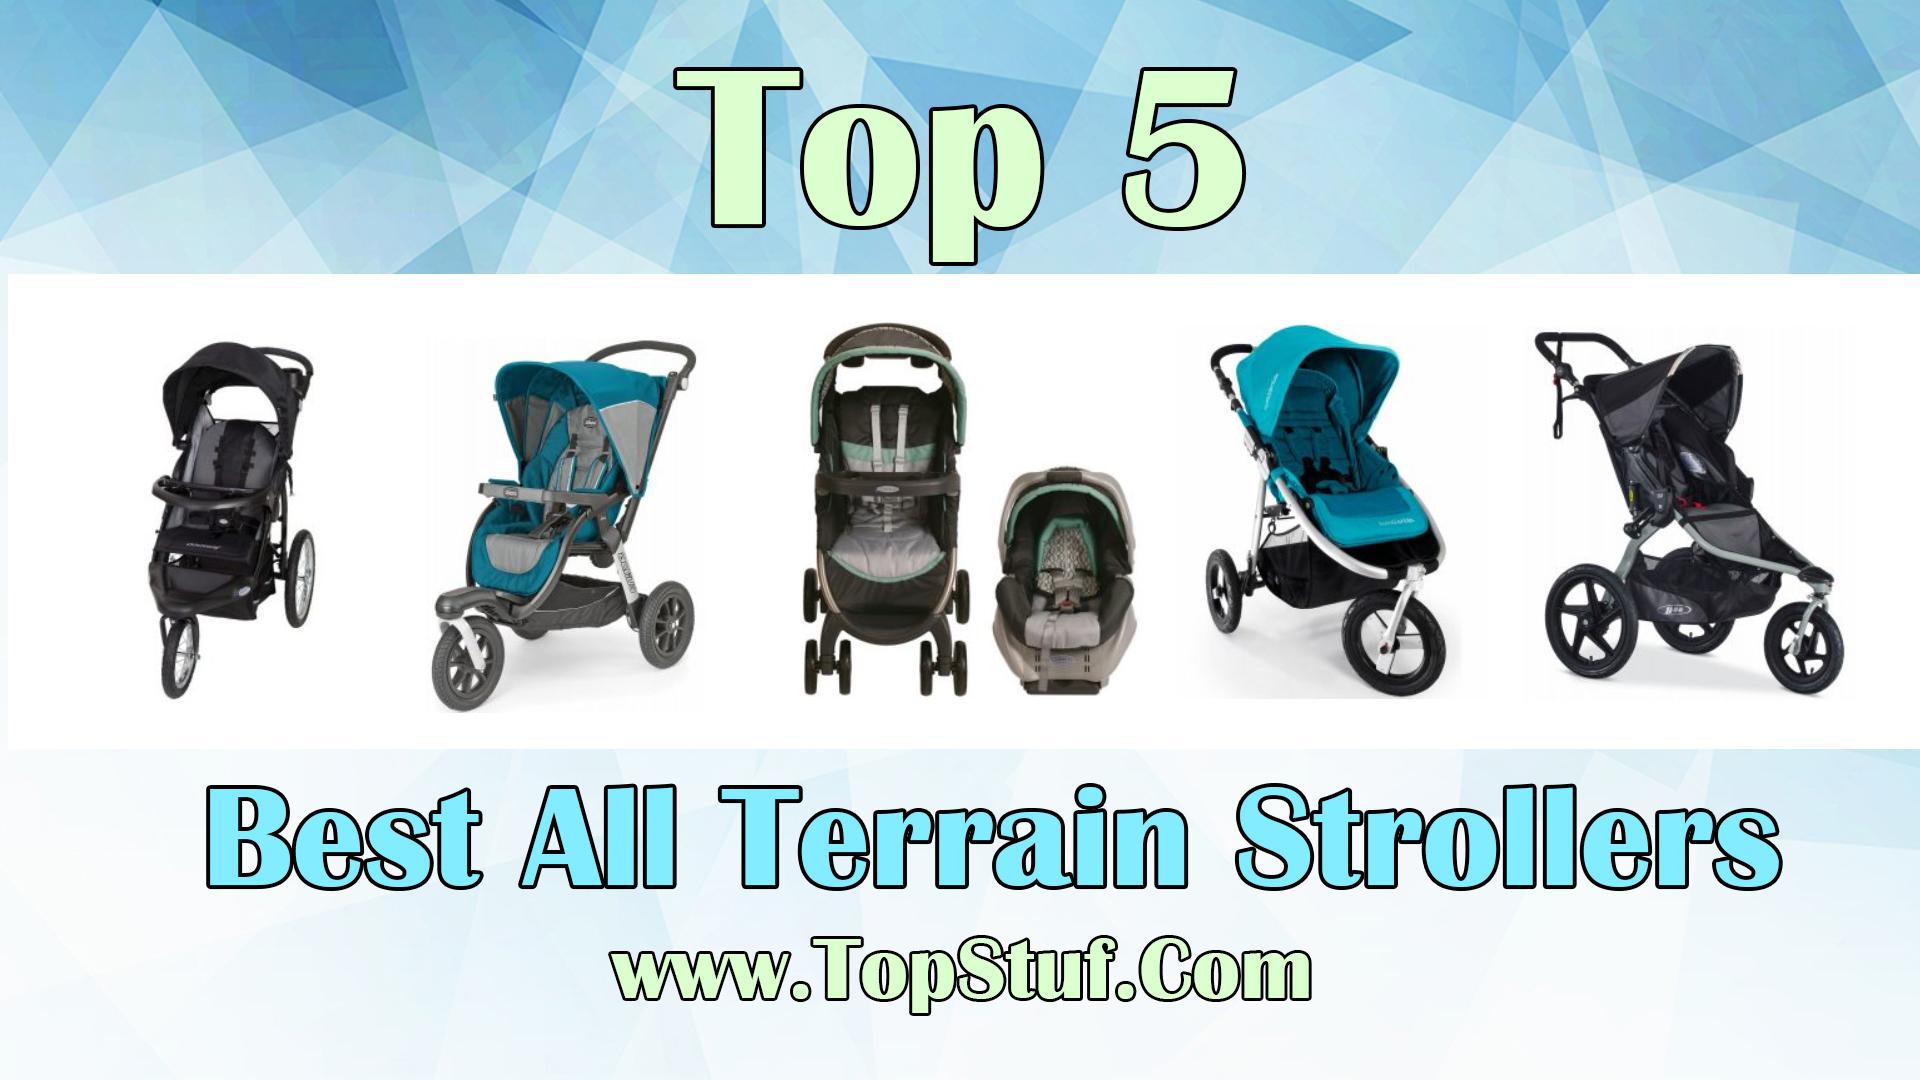 Best All Terrain Strollers